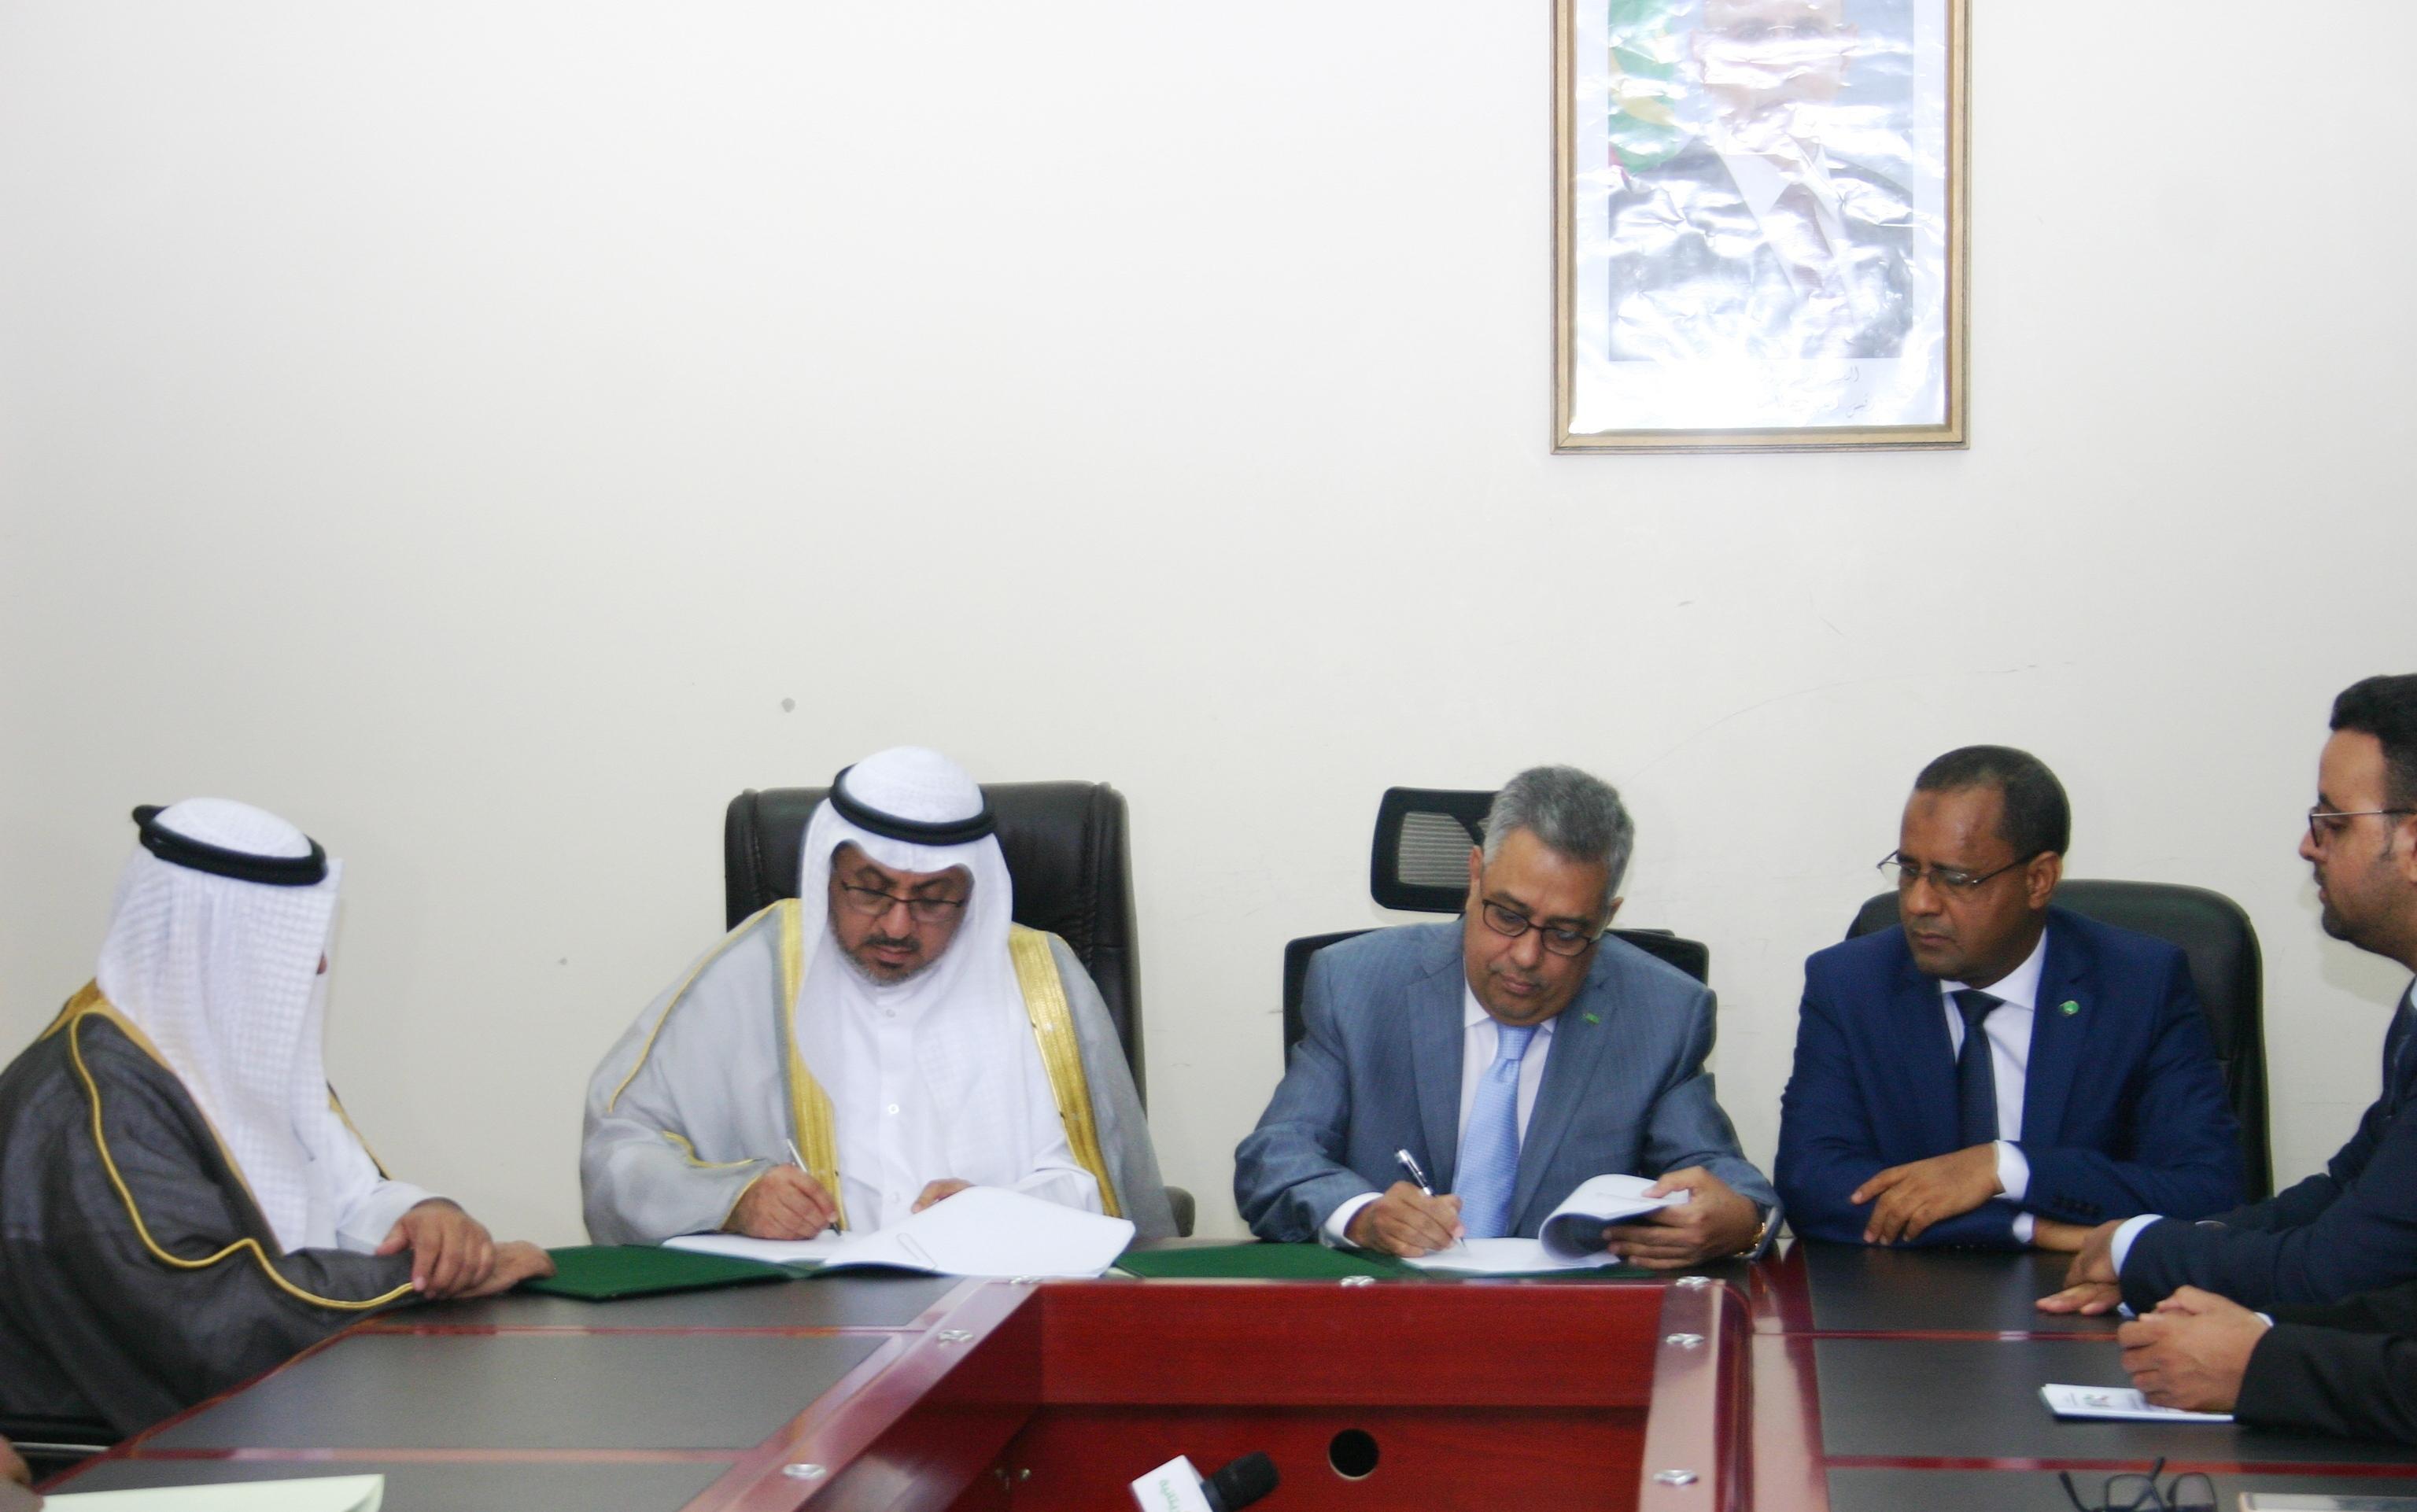 وزير الاقتصاد والصناعة الشيخ الكبير مولاي الطاهر، و نائب المدير العام للعمليات في الصندوق مروان عبد الله الغانم خلال توقيع الاتفاقية (وما)